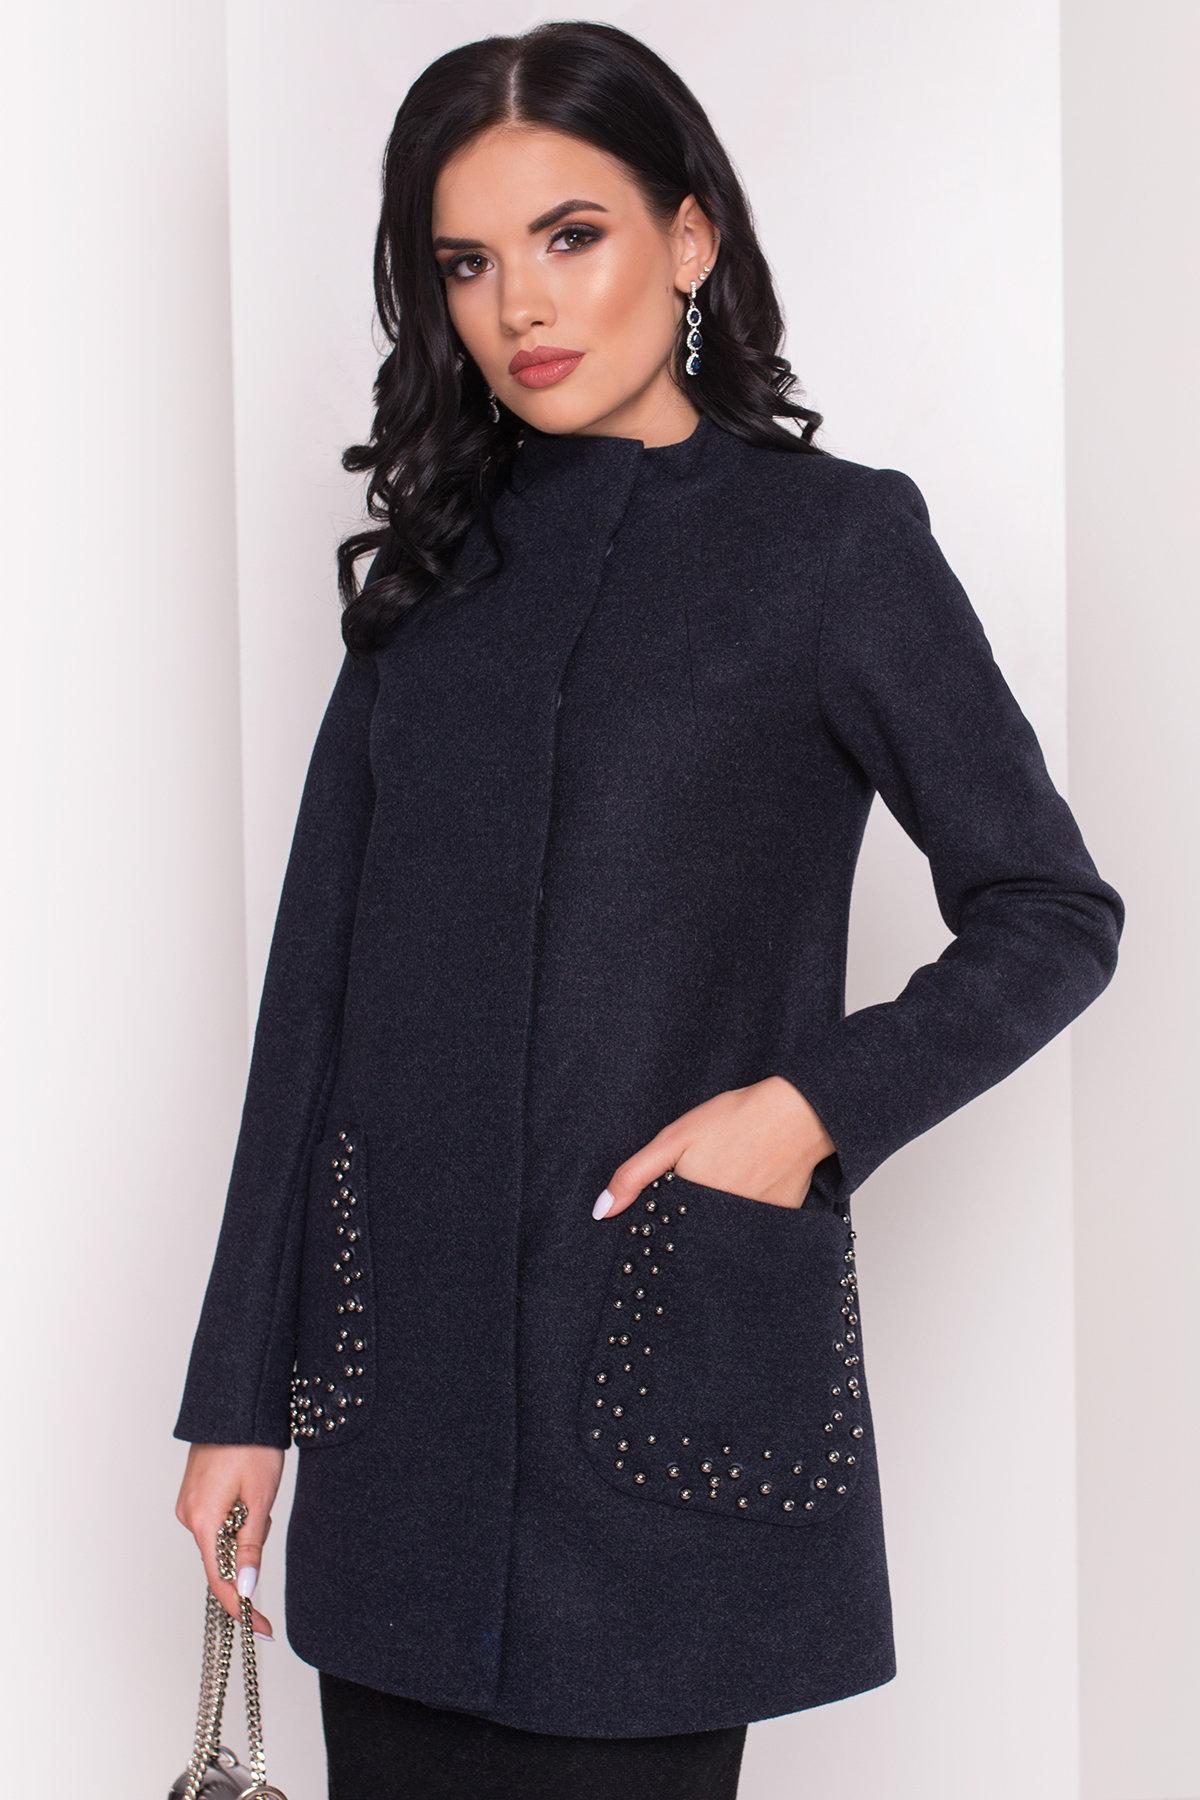 Пальто Даймон 5377 АРТ. 36744 Цвет: Темно-синий 6 - фото 4, интернет магазин tm-modus.ru